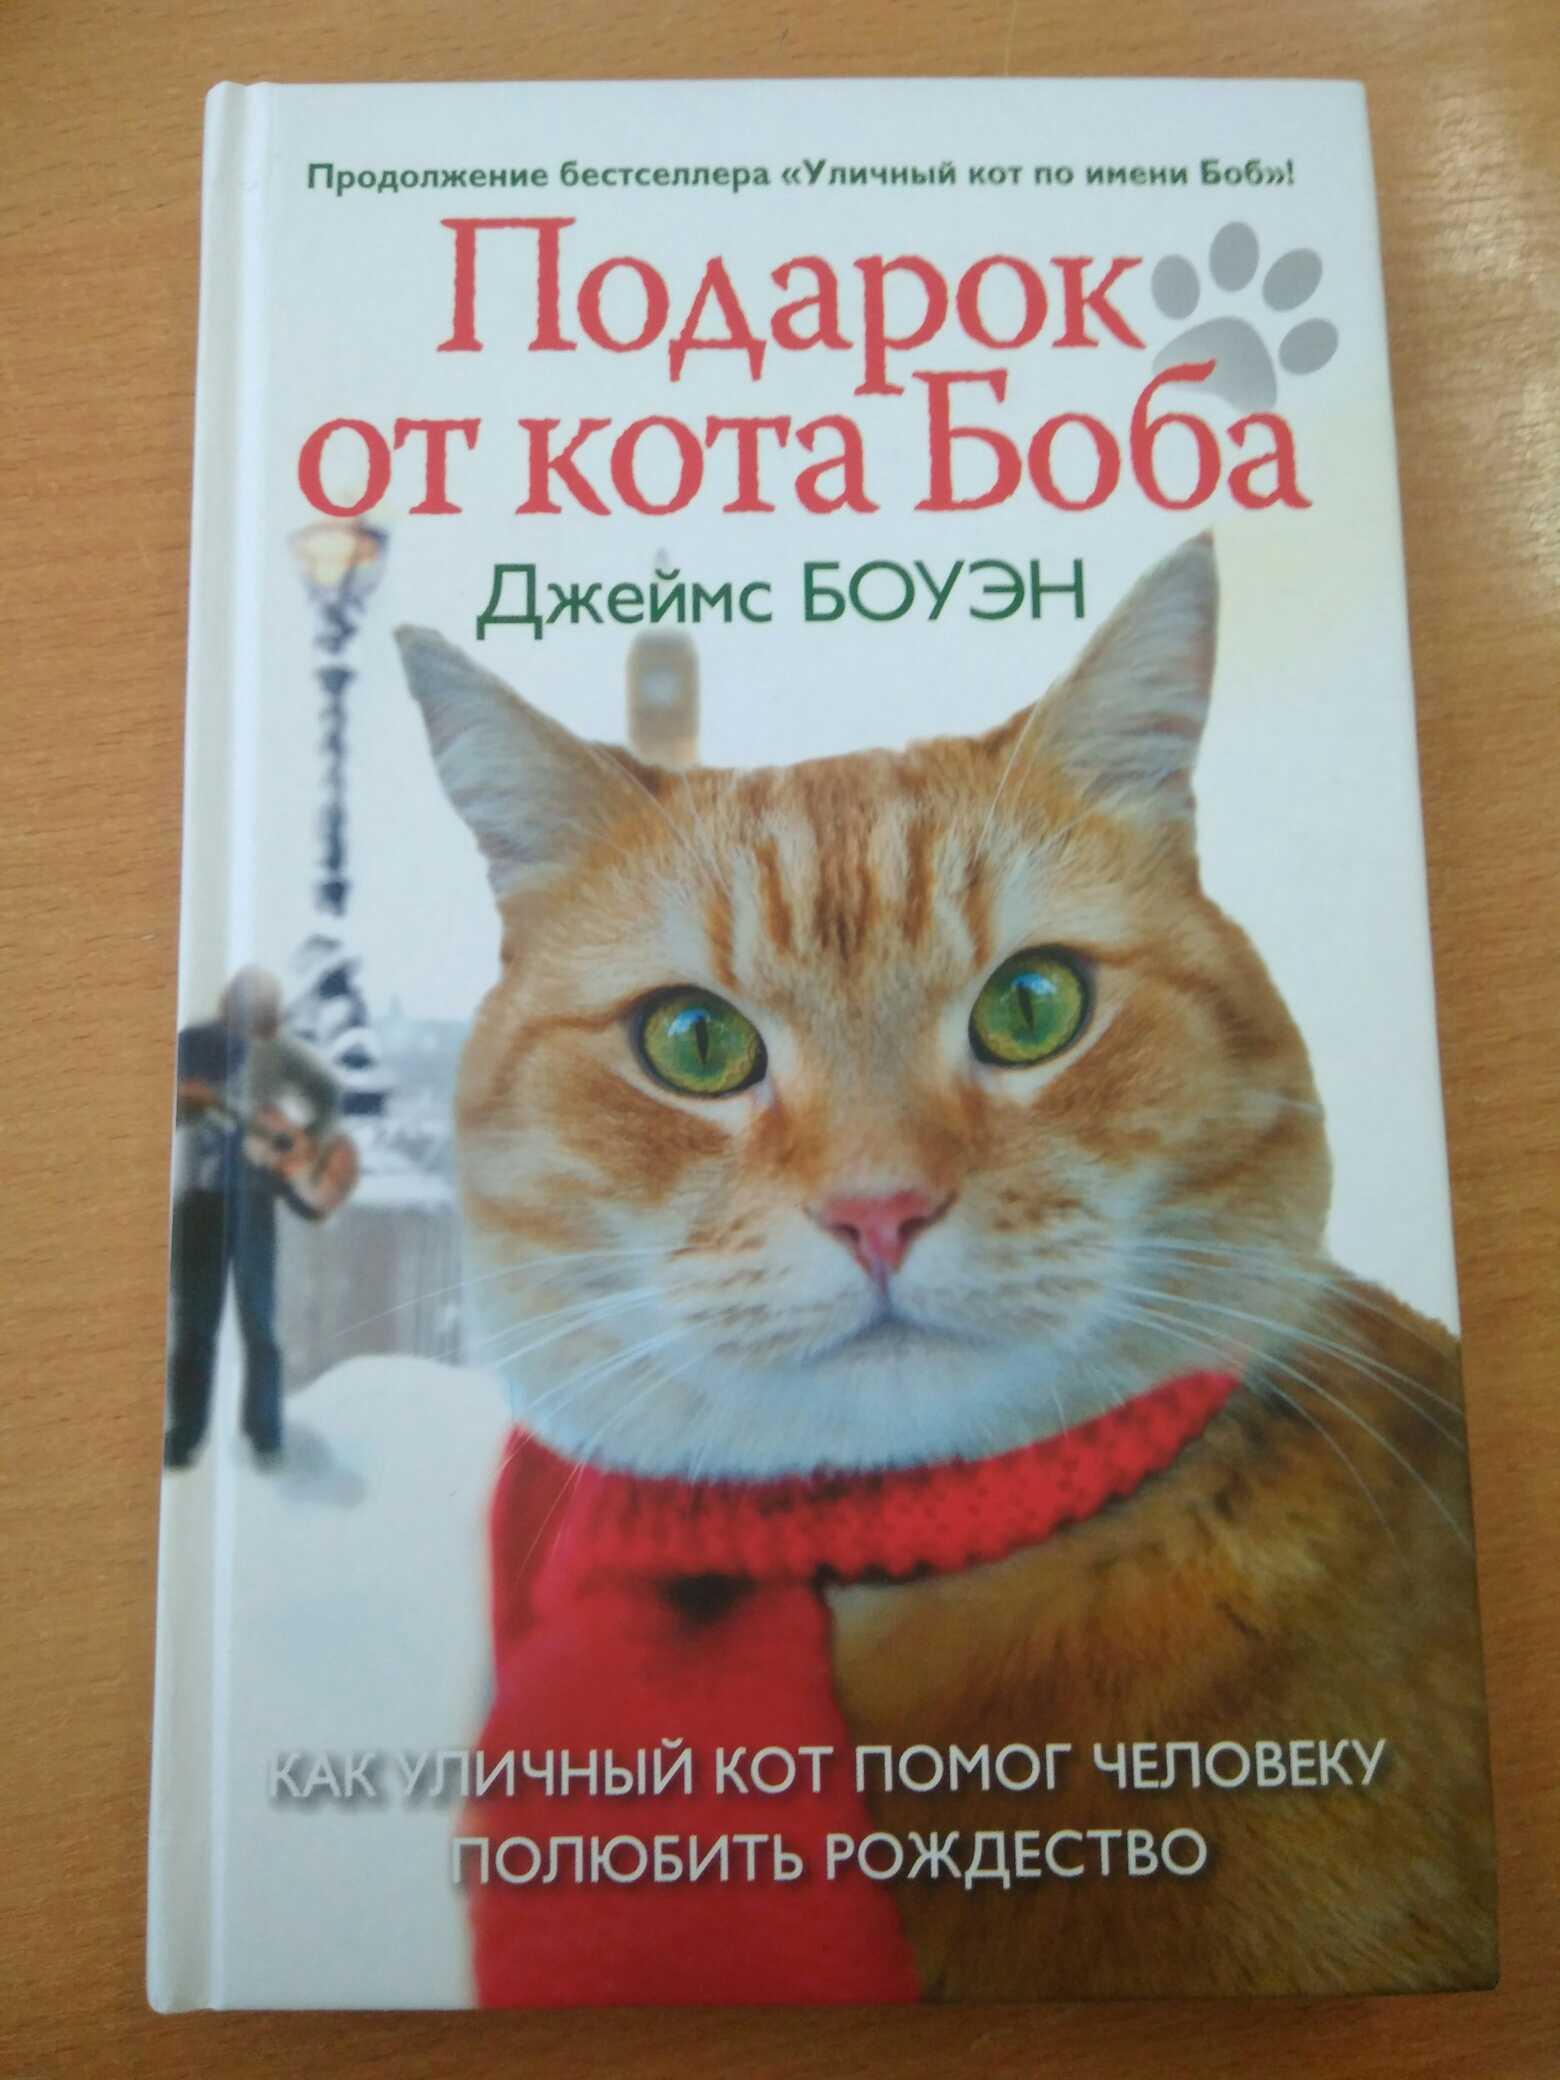 Подарок от кота боба на английском